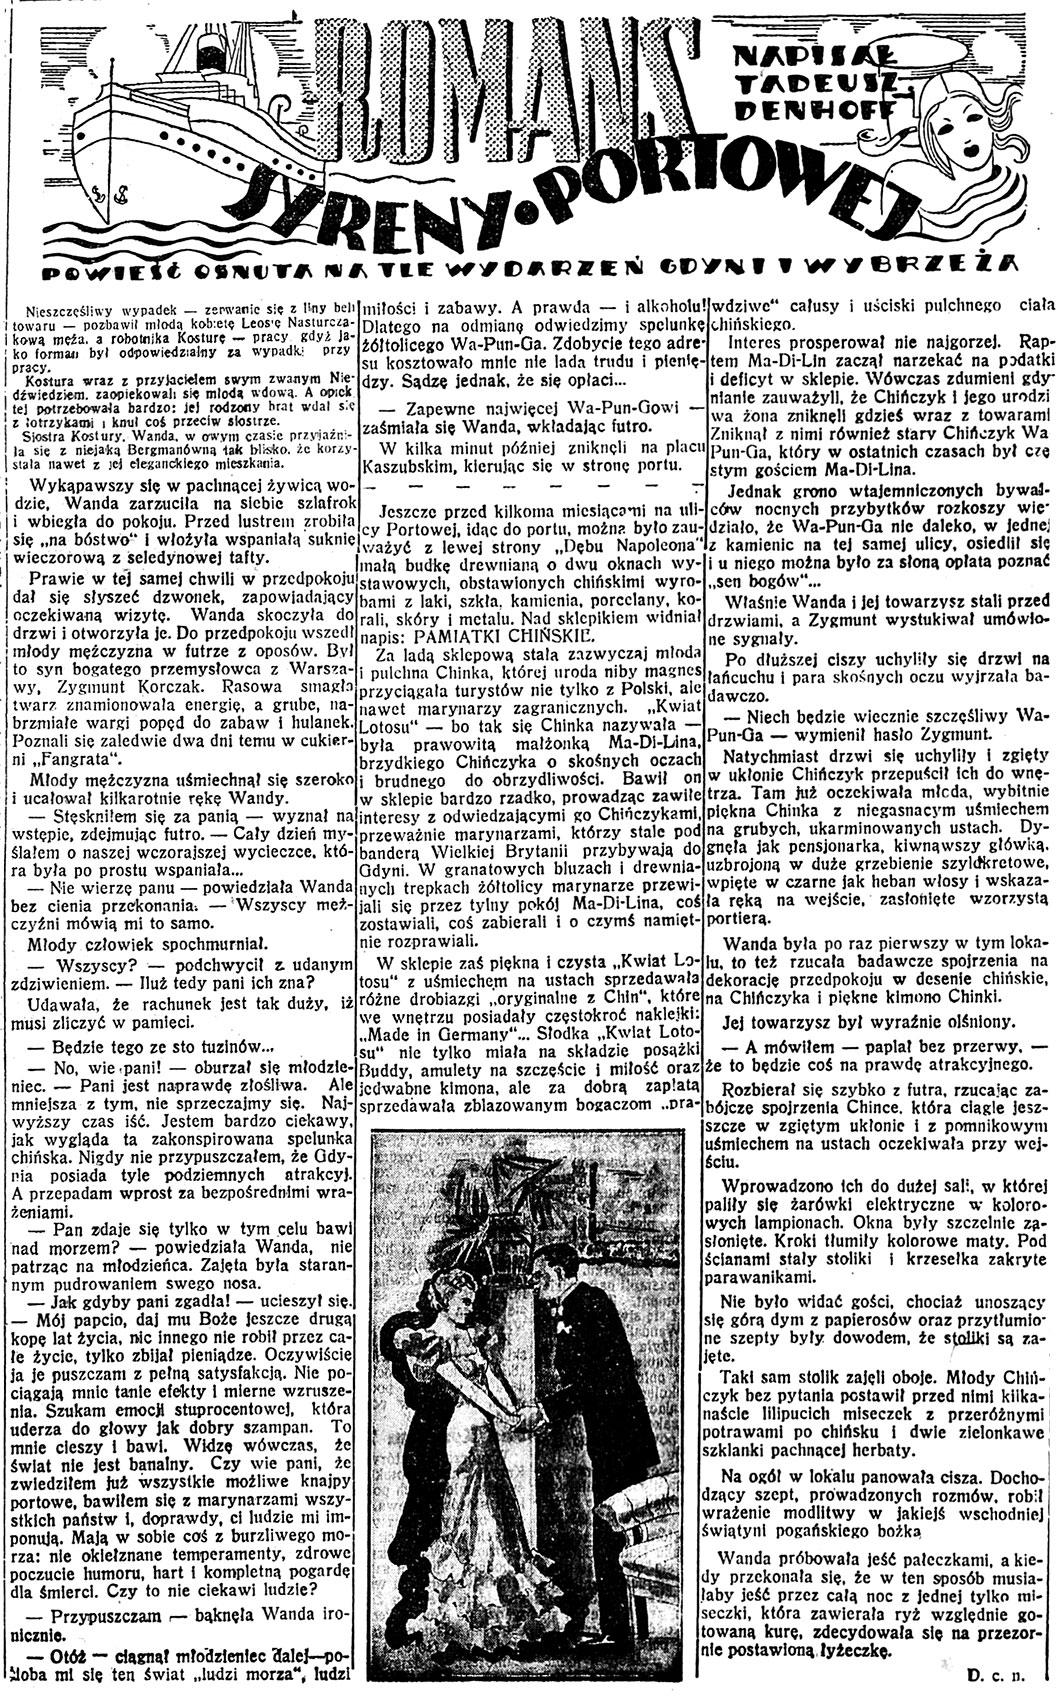 Roman syreny portowej / Tadeusz Denhoff // Dzień Dobry. - 1938, nr 23, s. 4